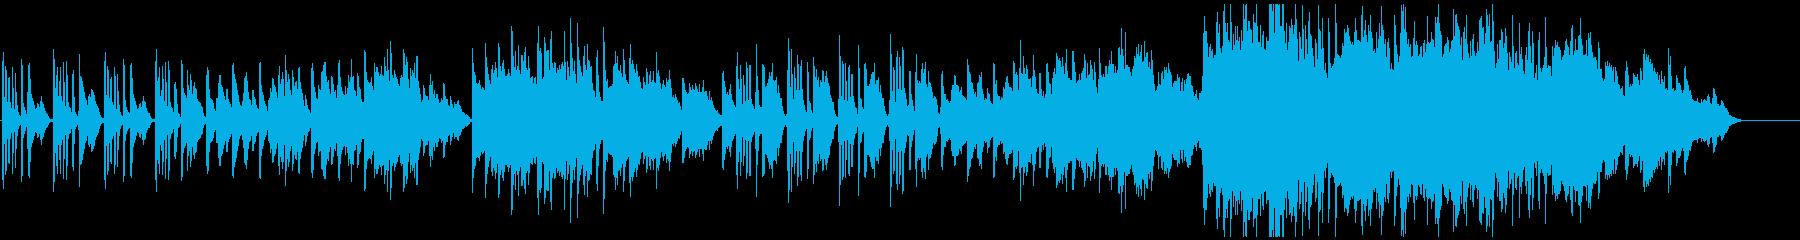 上品で穏やかな皇室用ピアノ曲aの再生済みの波形